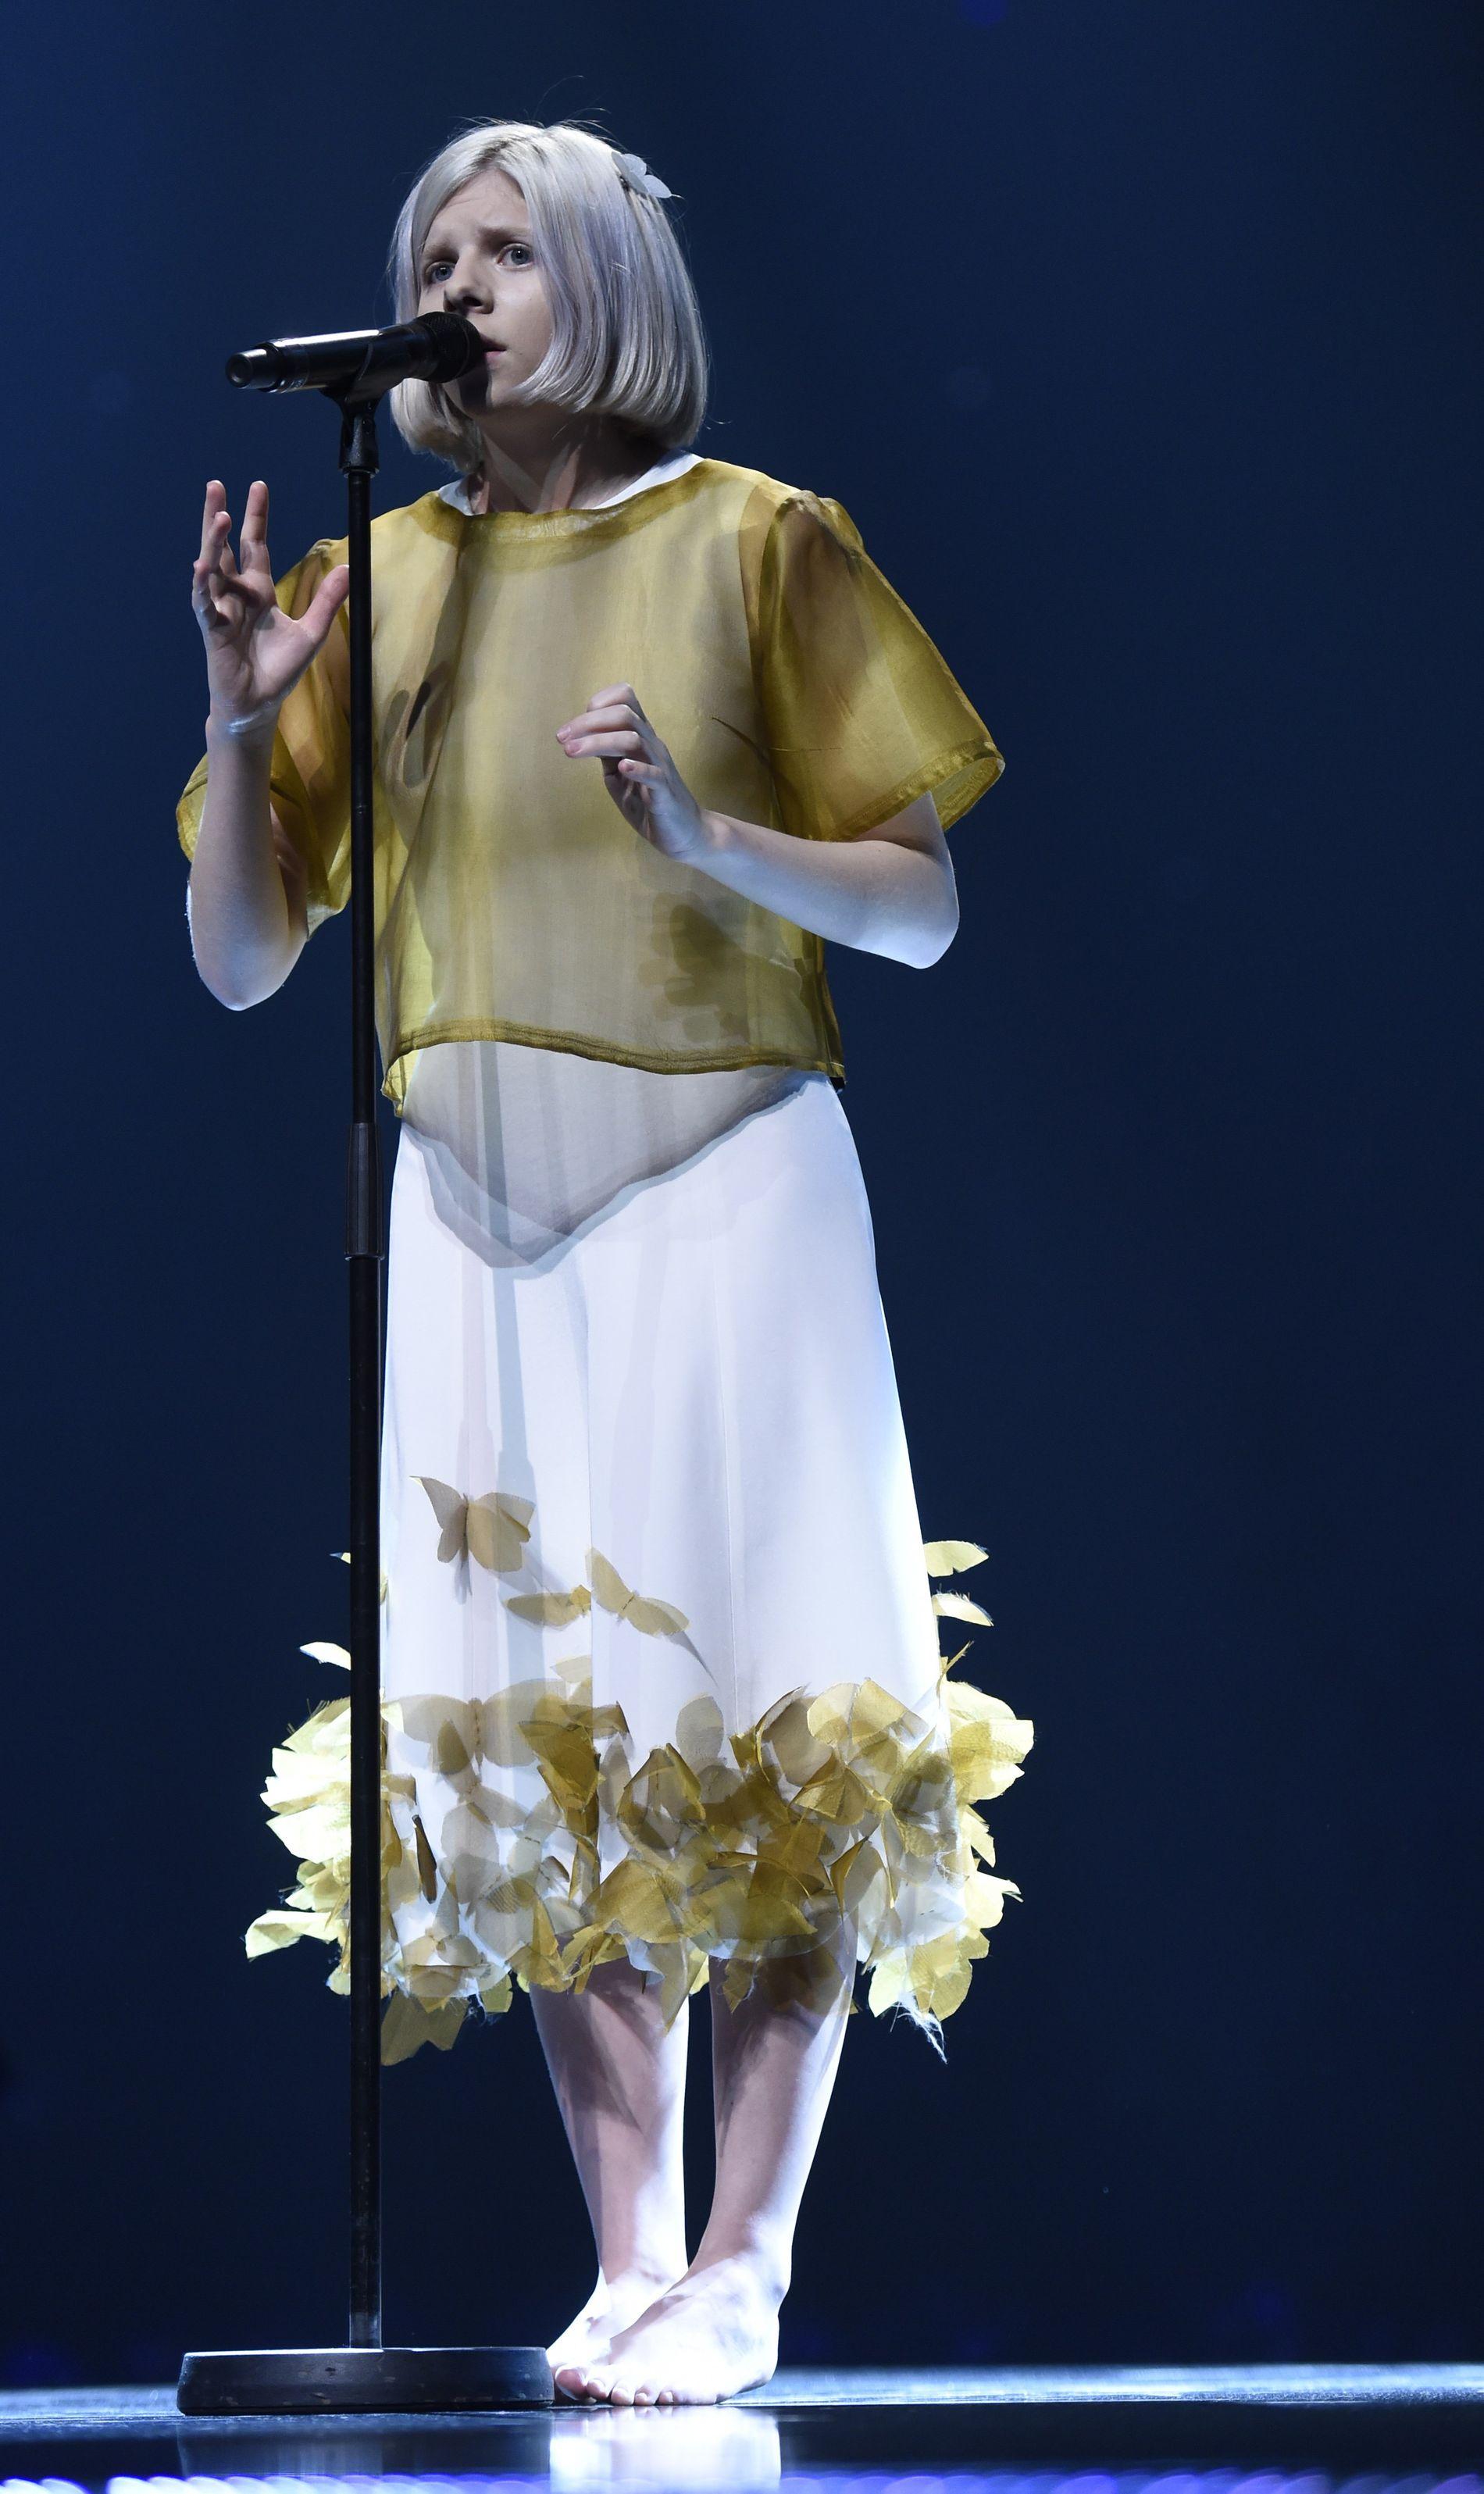 GLOBAL SPREDNING: Aurora Aksnes på Nobelkonserten 2015. Konserten TV-sendes i mange land. Foto: AFP